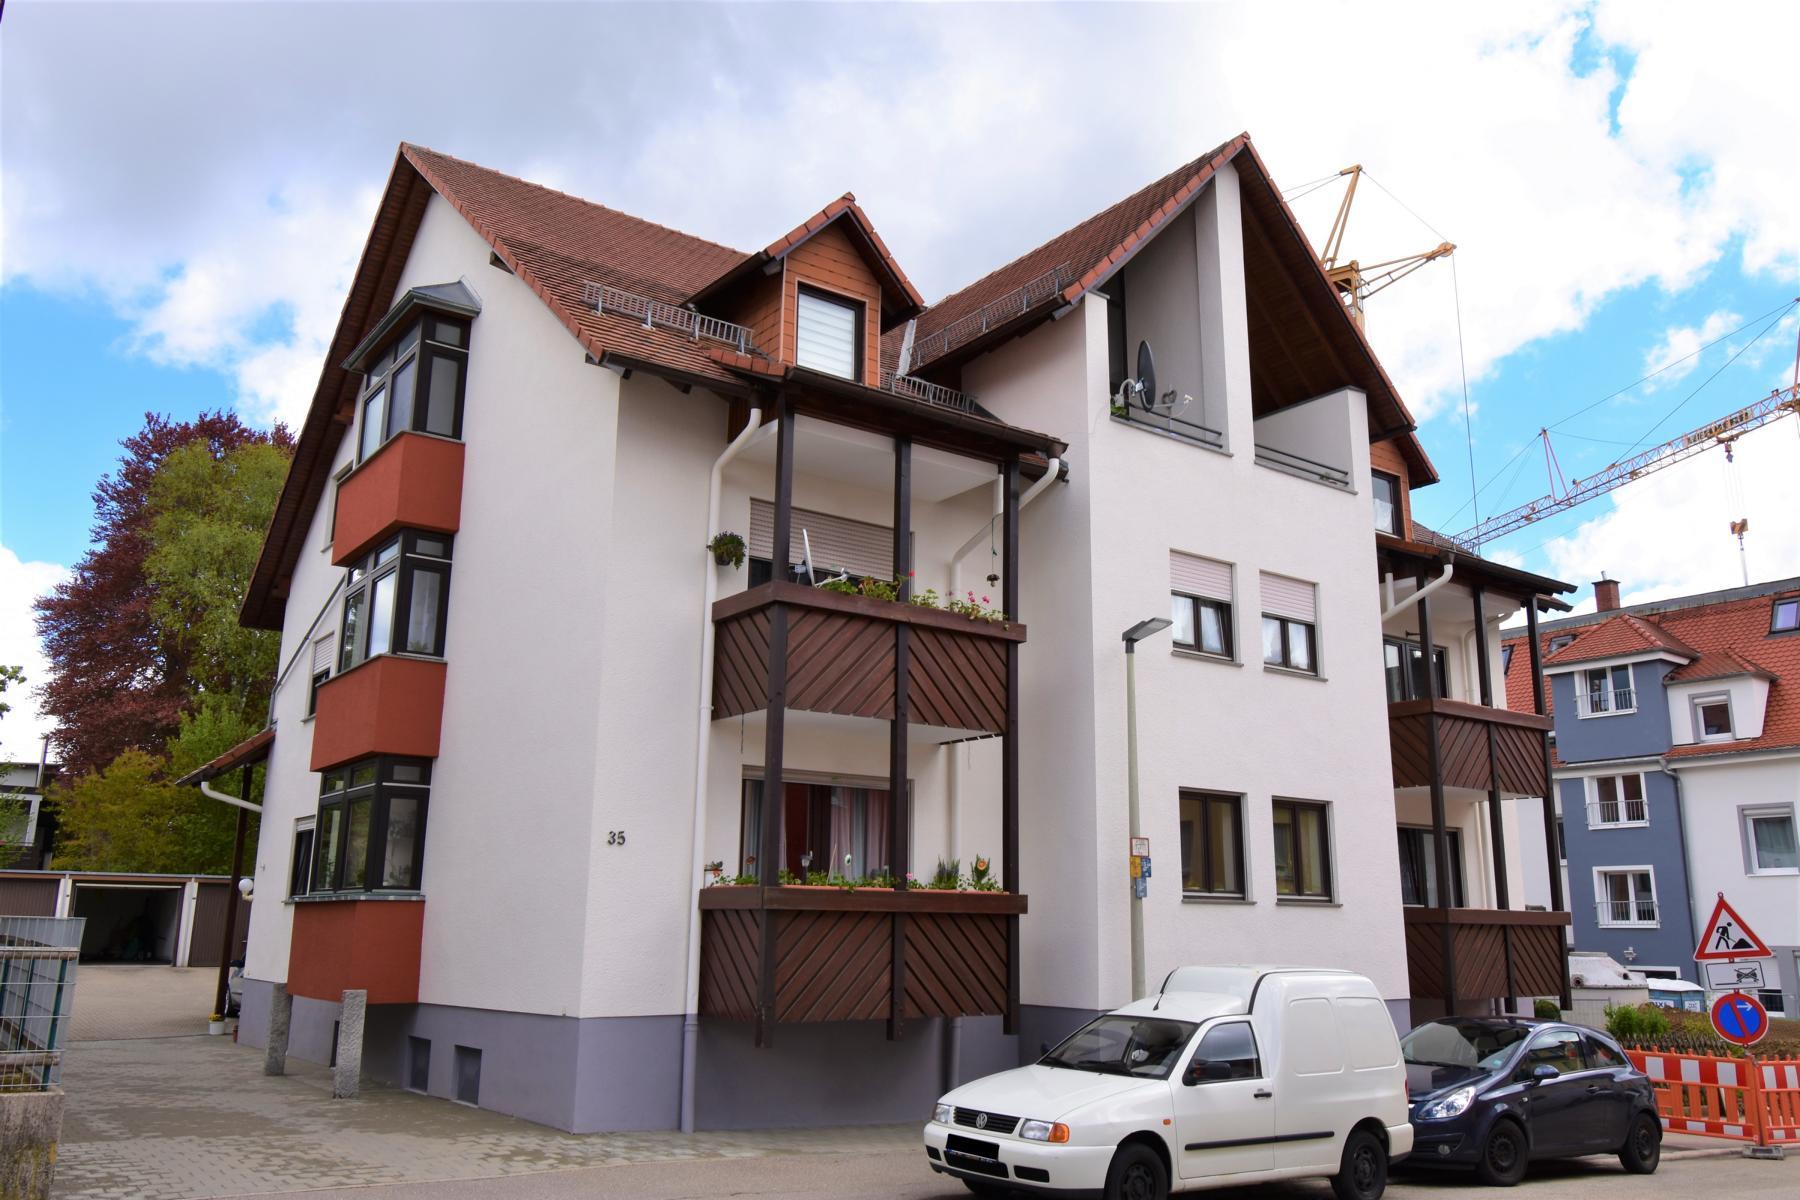 Attraktive 3,5 Zimmer-Eigentumswohnung ca. 67 m² Wfl. zzgl. ca. 30 m² Galariefläche,  Gargae in Zentrumsnähe